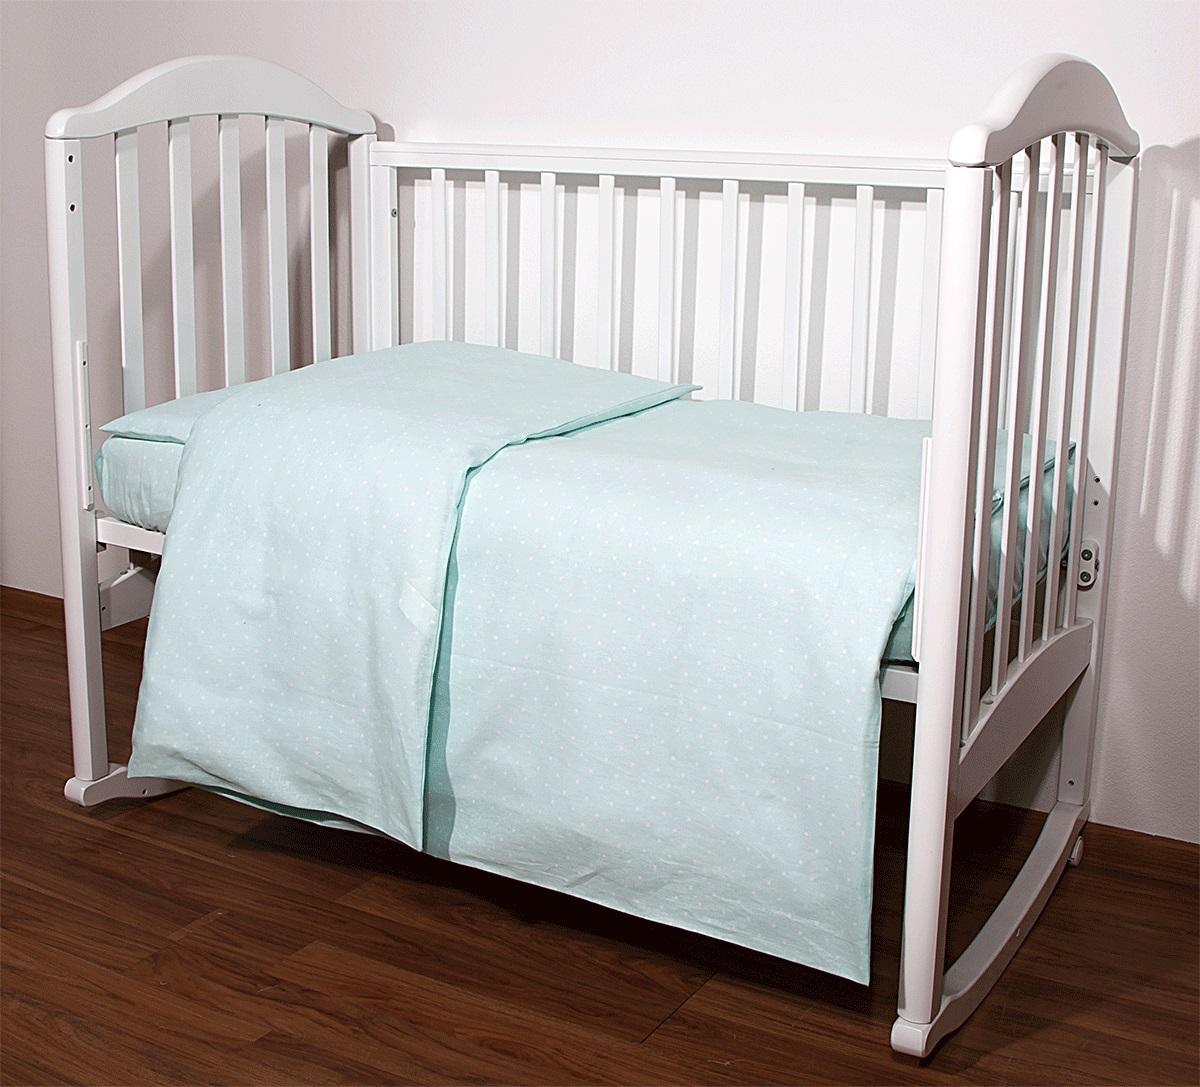 Baby Nice Комплект белья для новорожденных Горох цвет светло-зеленыйС1112Постельное бельё, сшито из качественной бязи импортного производства.Бельё не деформируется, цвет не выстирывается. наволочка 40х60, пододеяльник 112х147,простынь 60х120